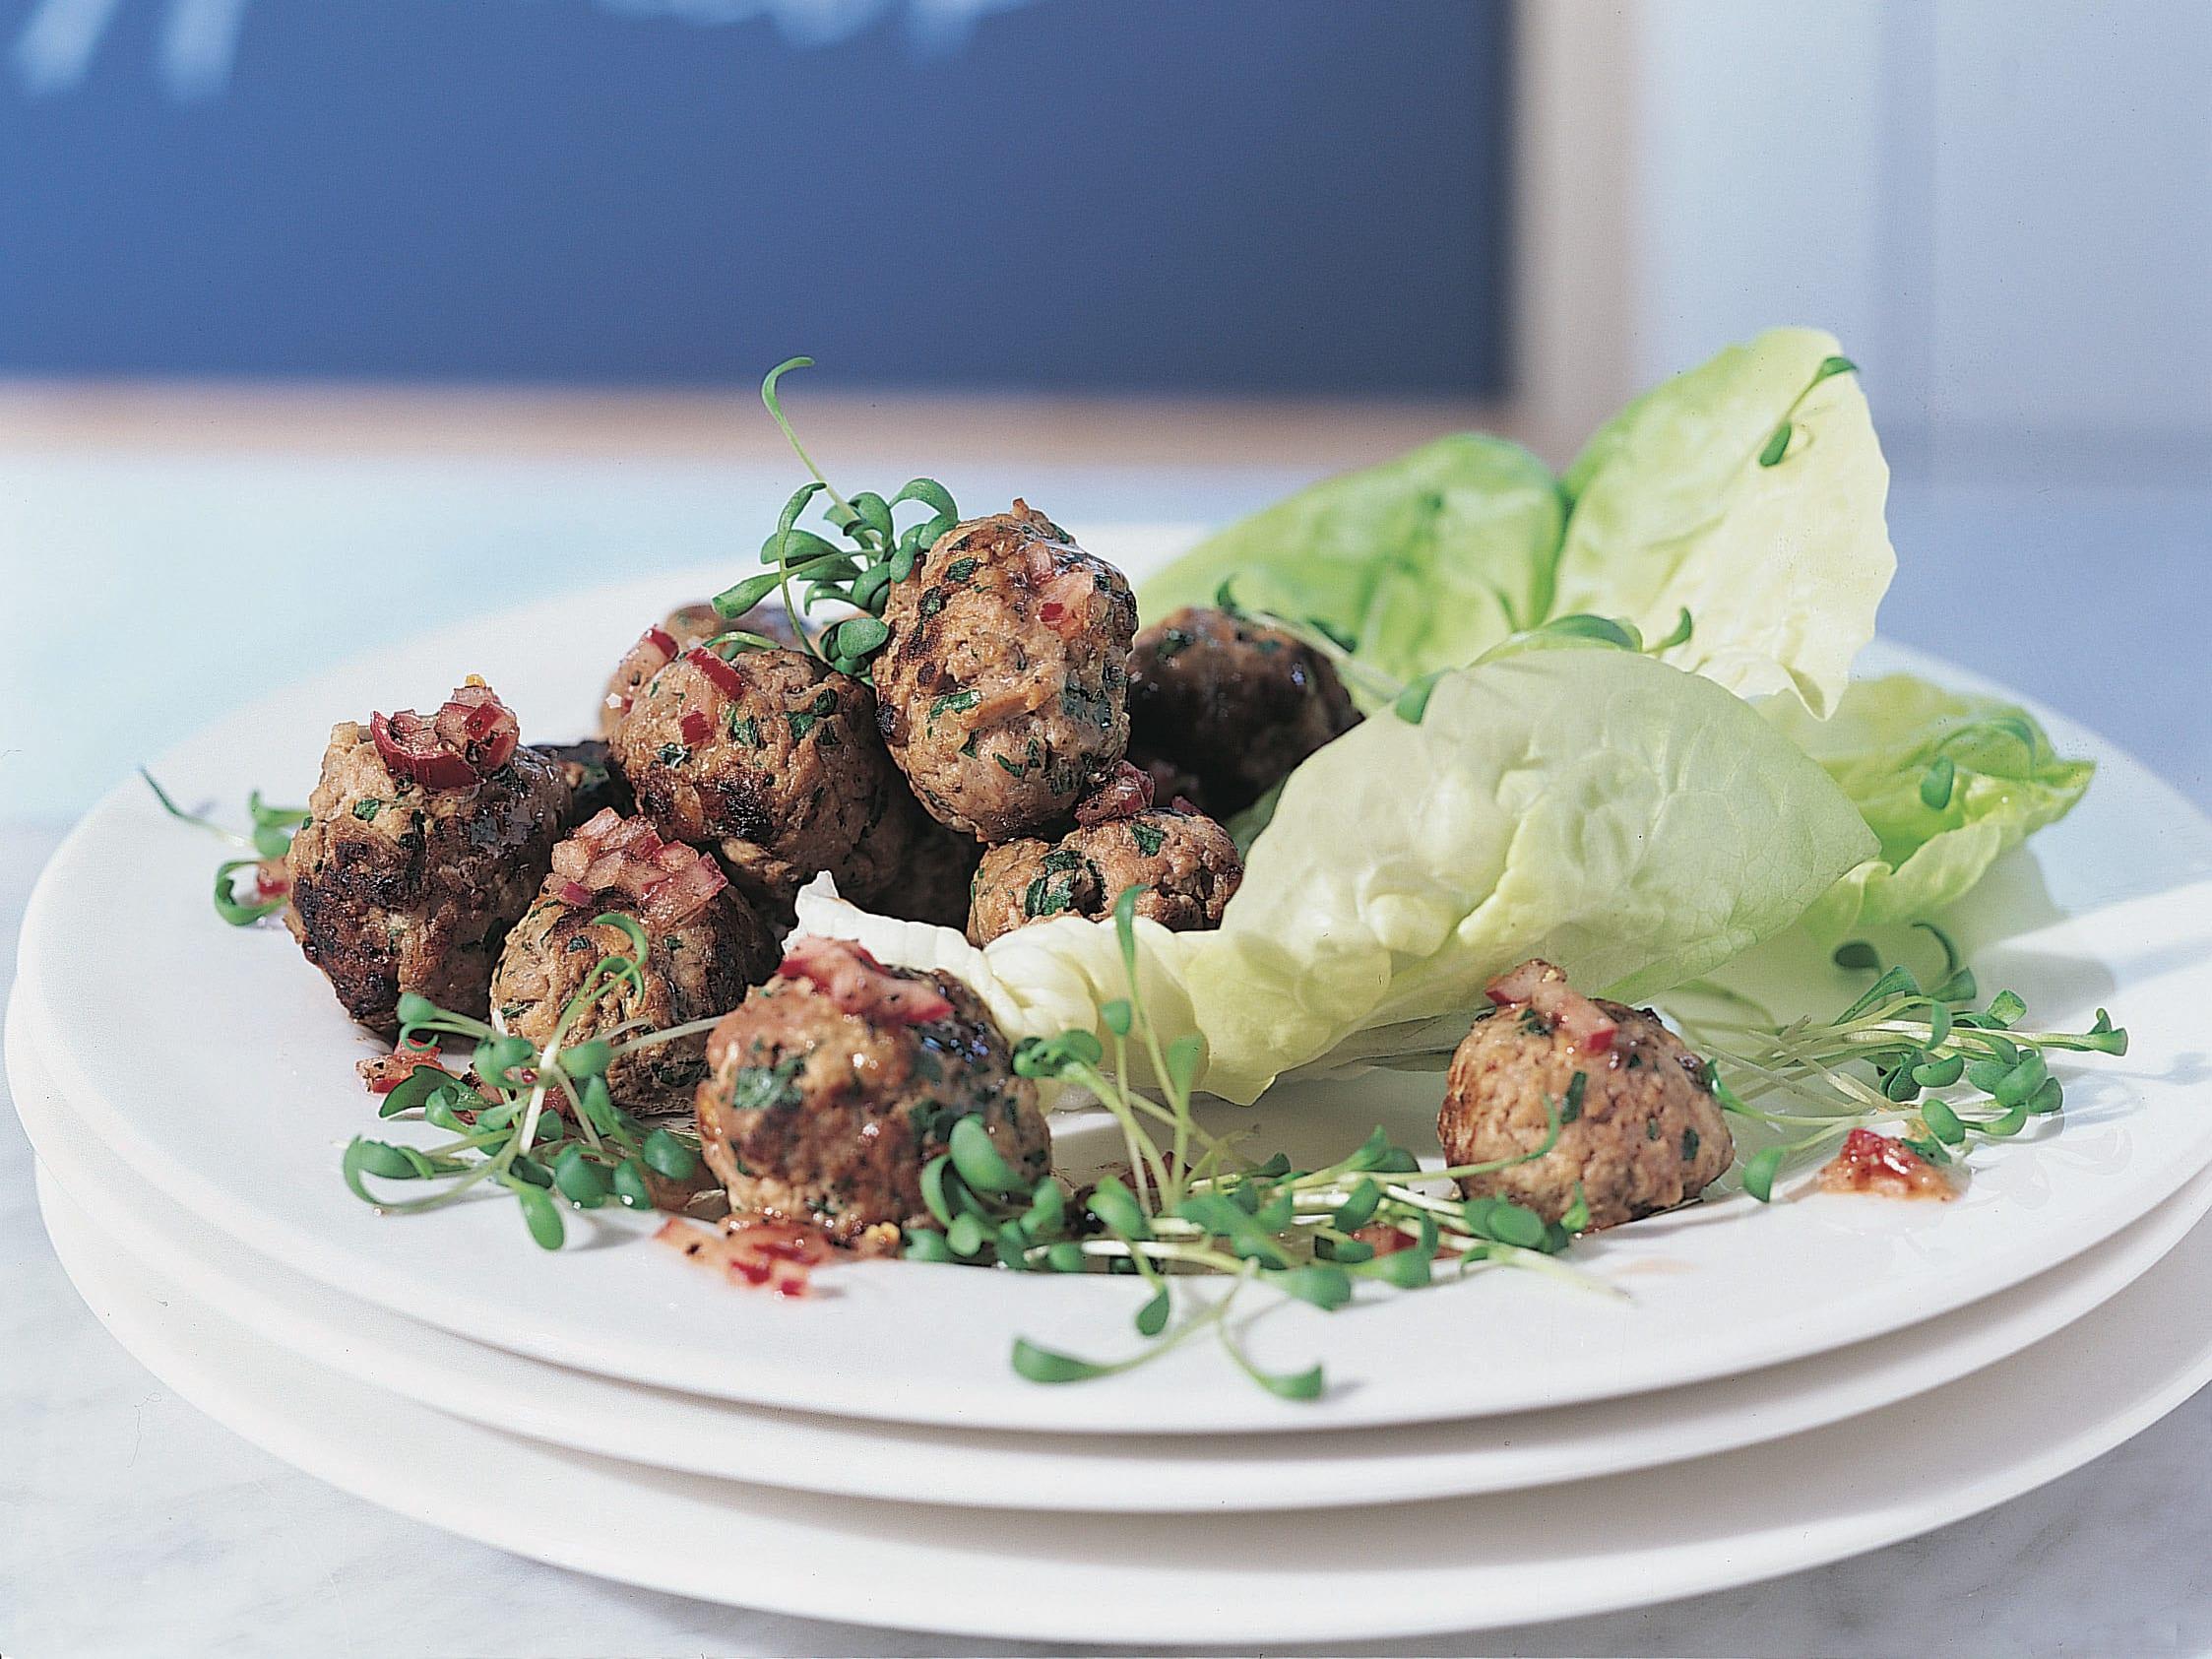 Boulettes de viande hachée au cresson et salade pommée